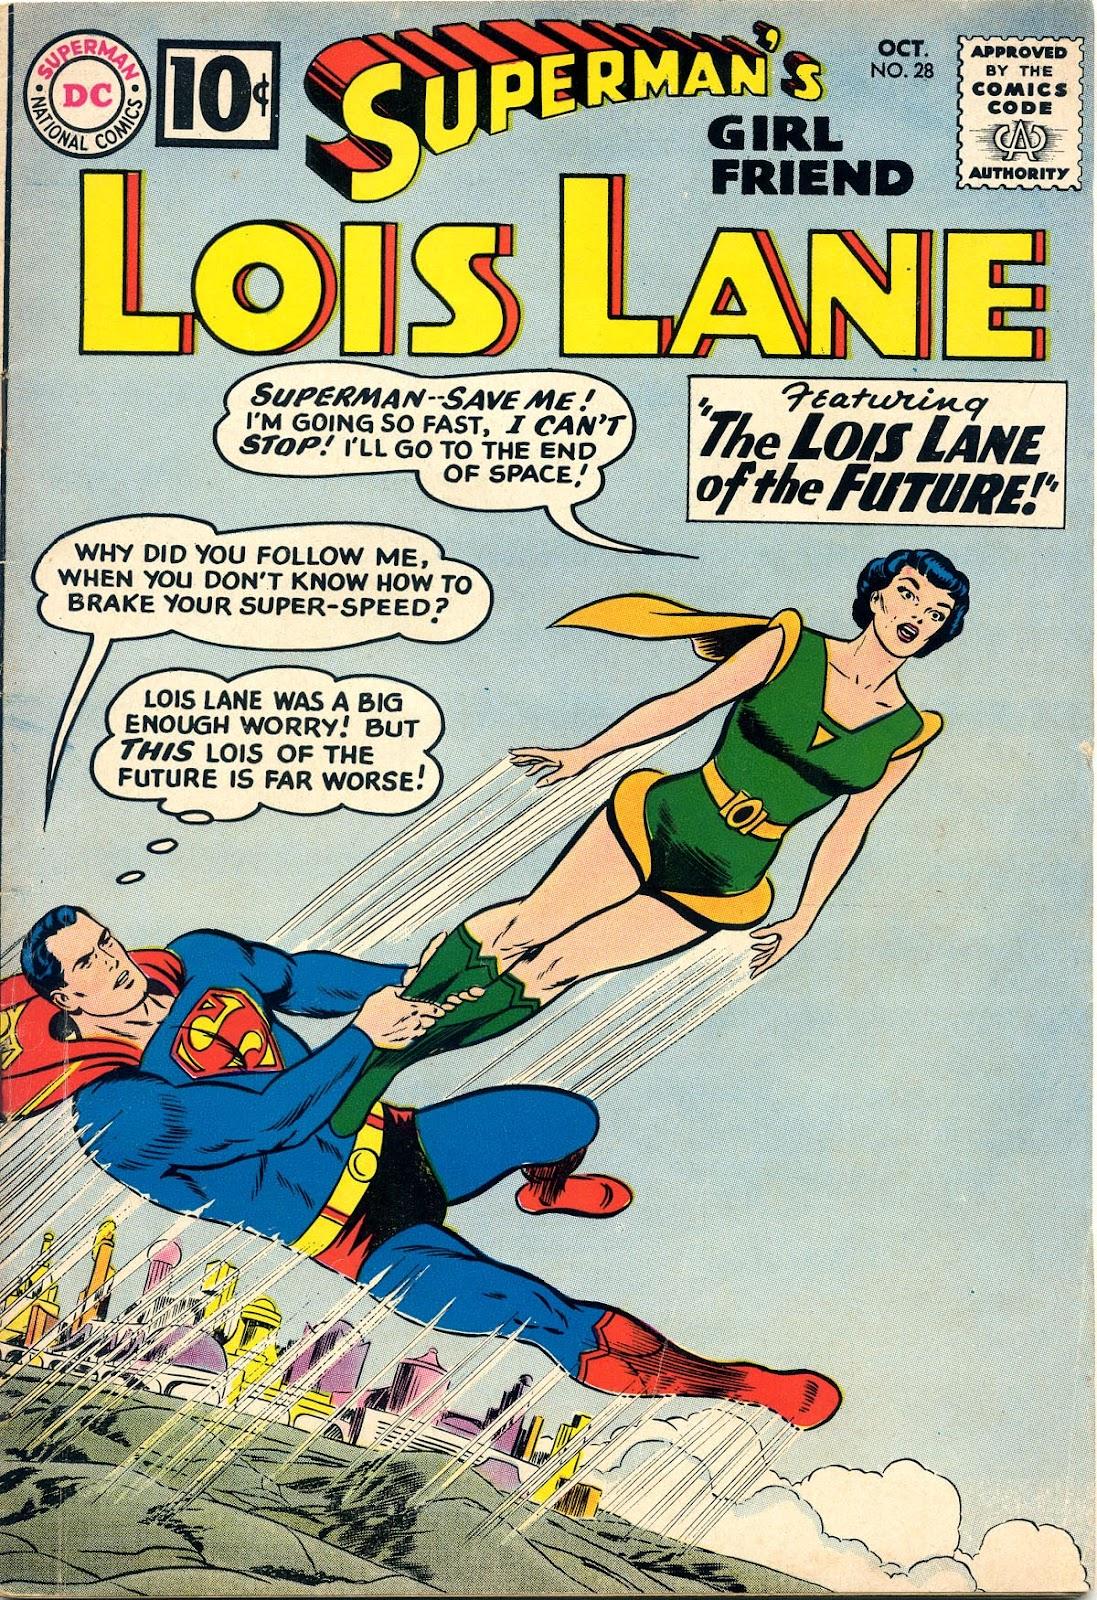 Supermans Girl Friend, Lois Lane 28 Page 1